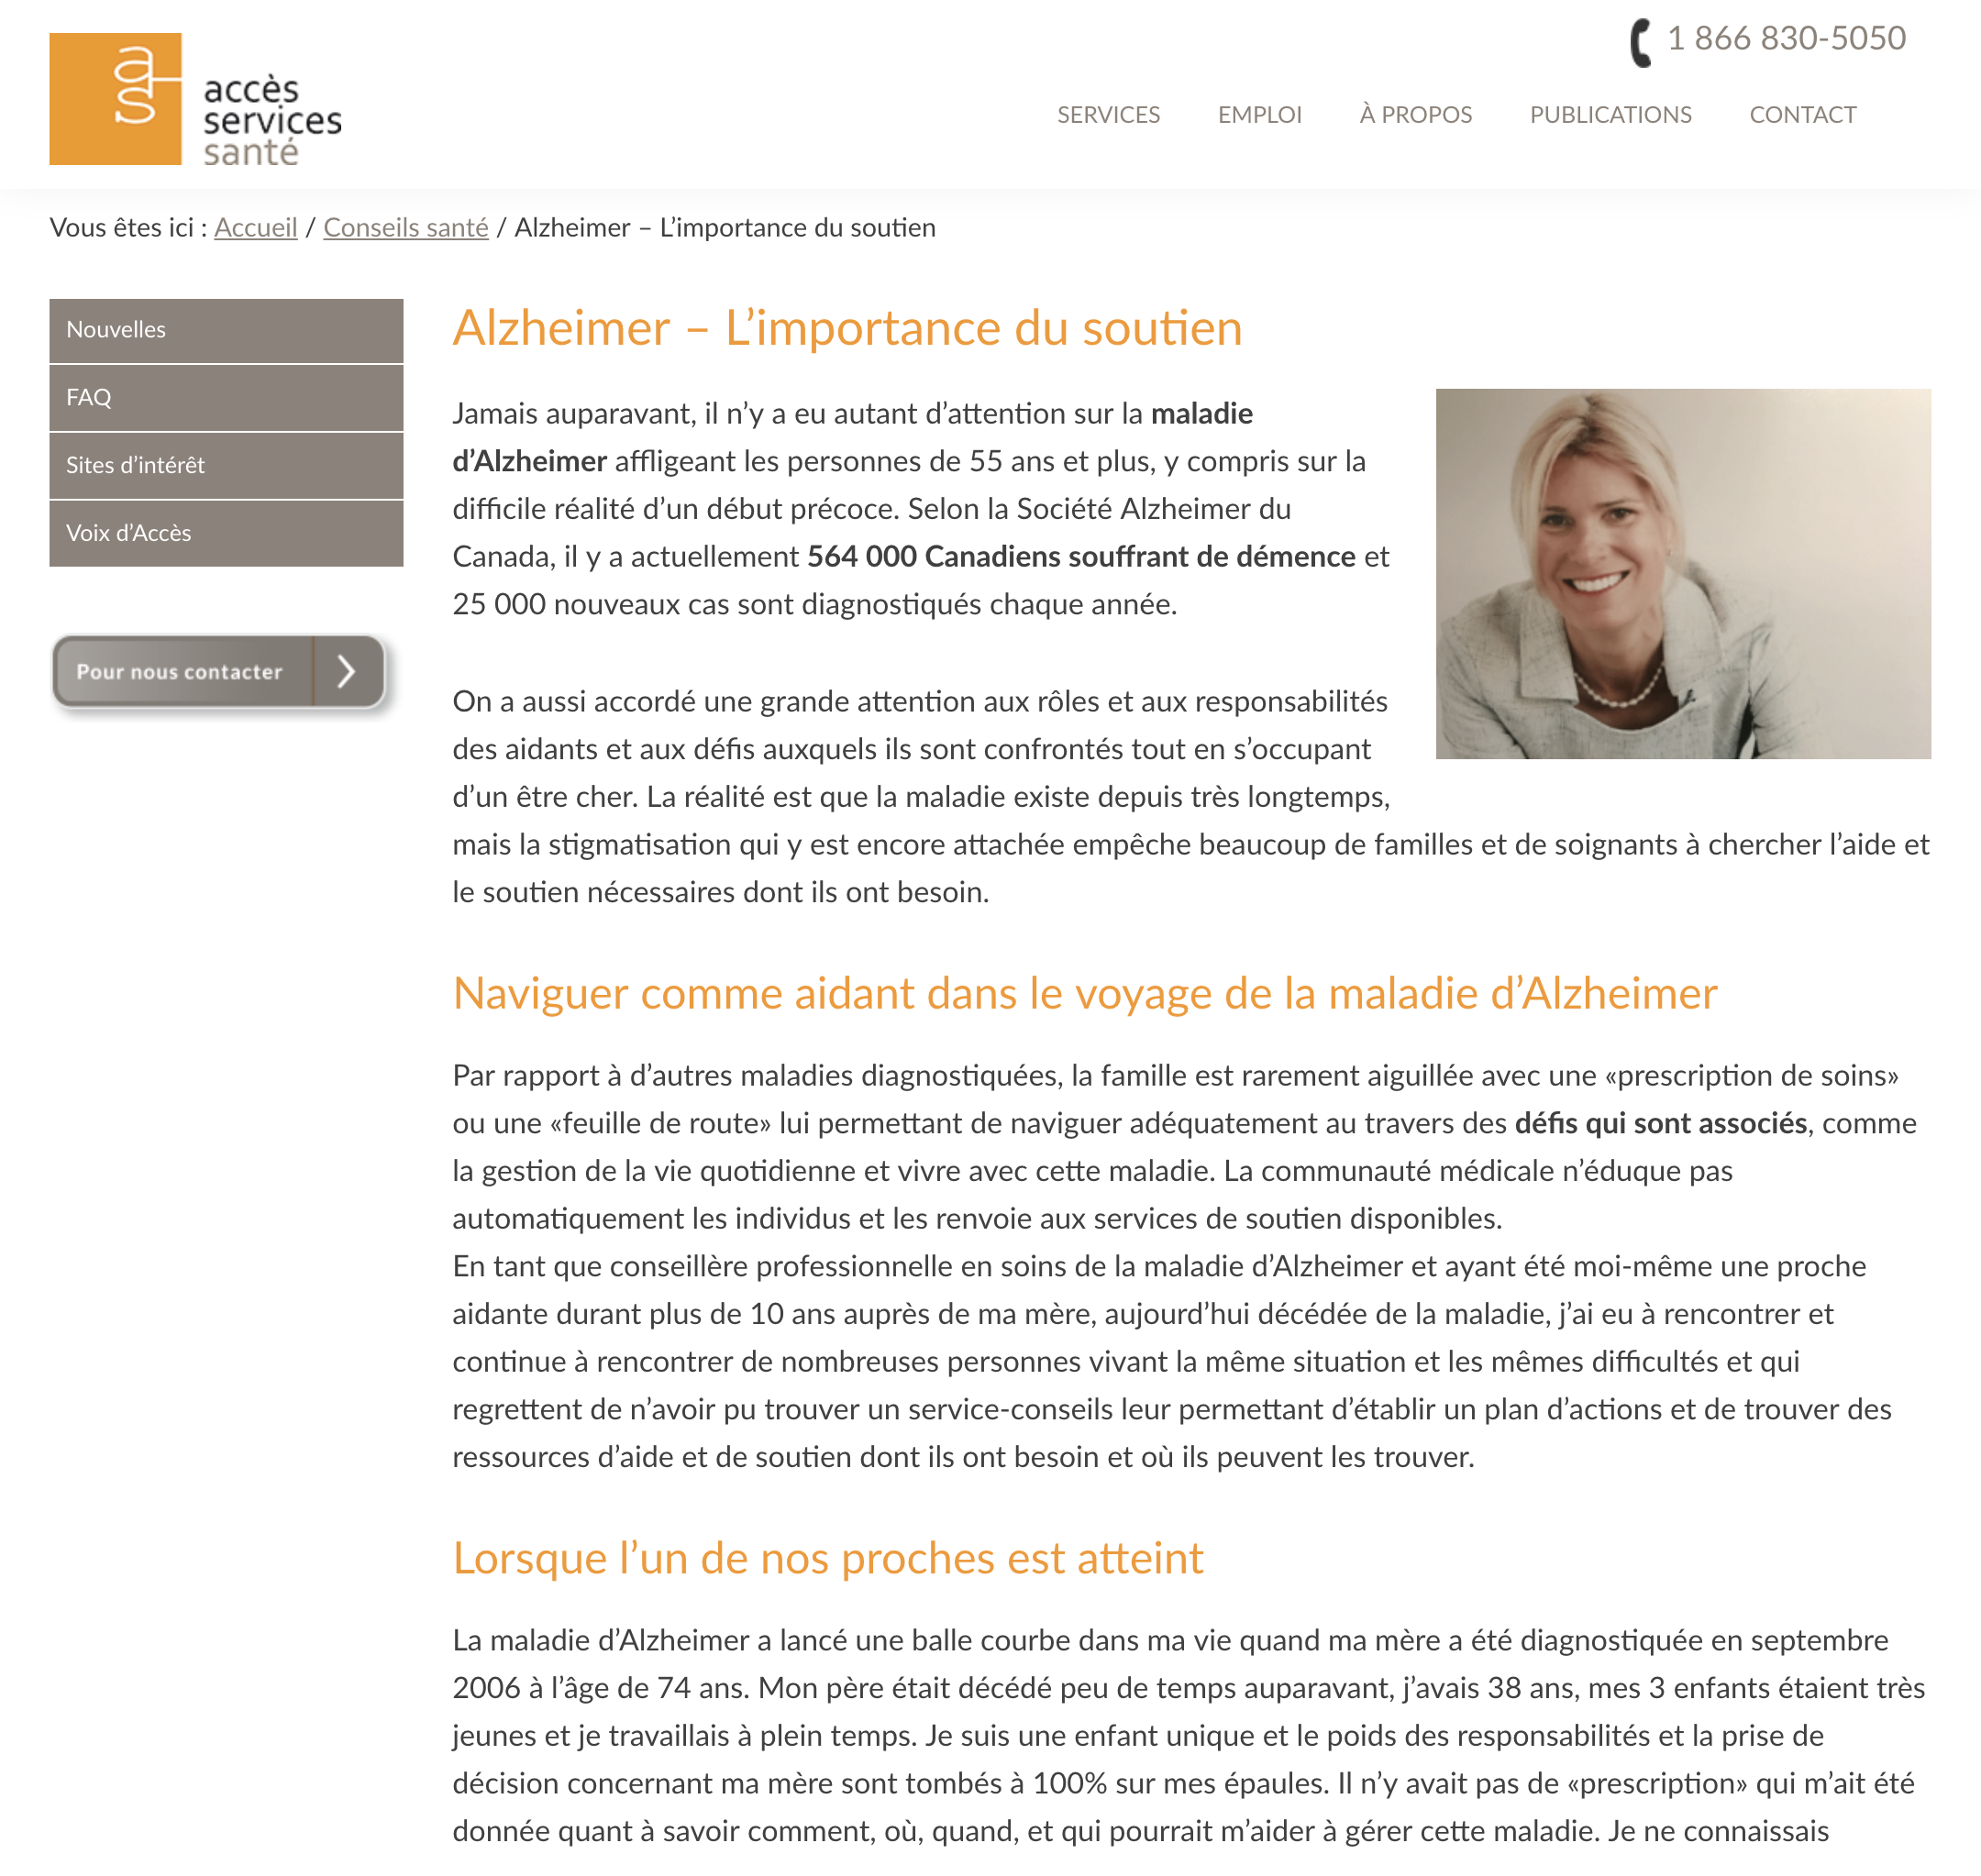 Accès Services Santé - Octobre 2017